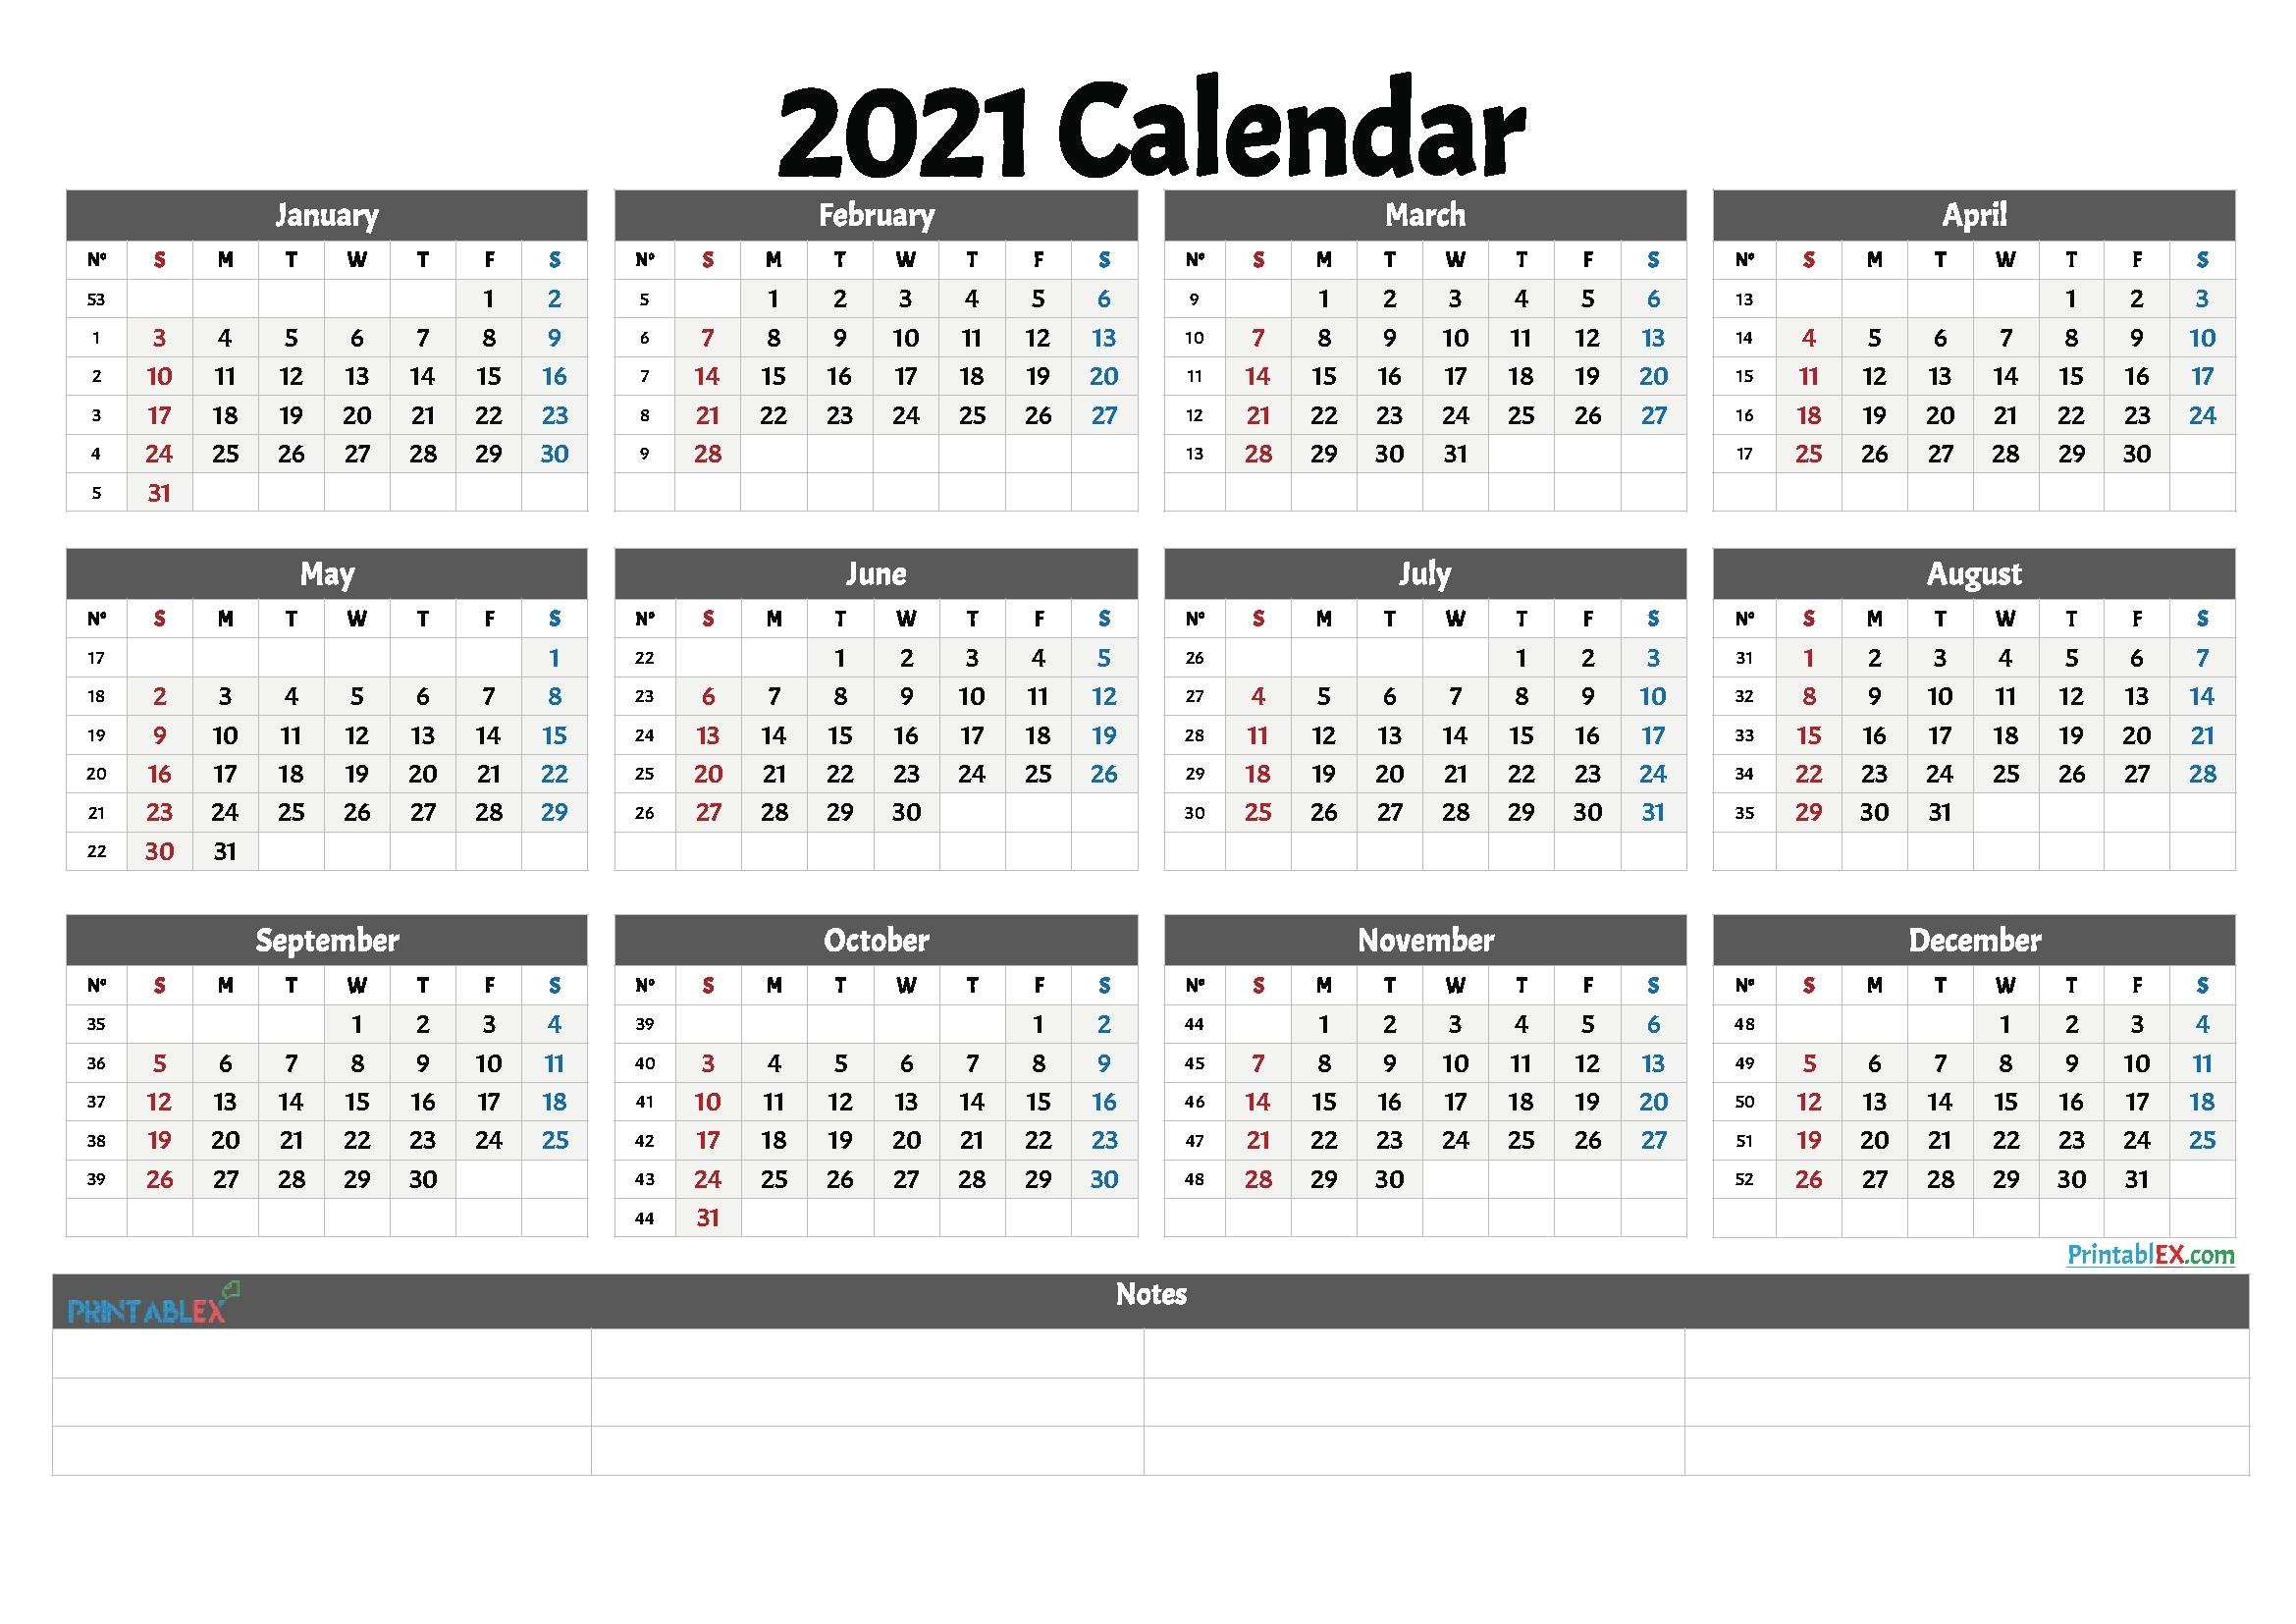 Get Excel Calendar 2021 With Week Numbers